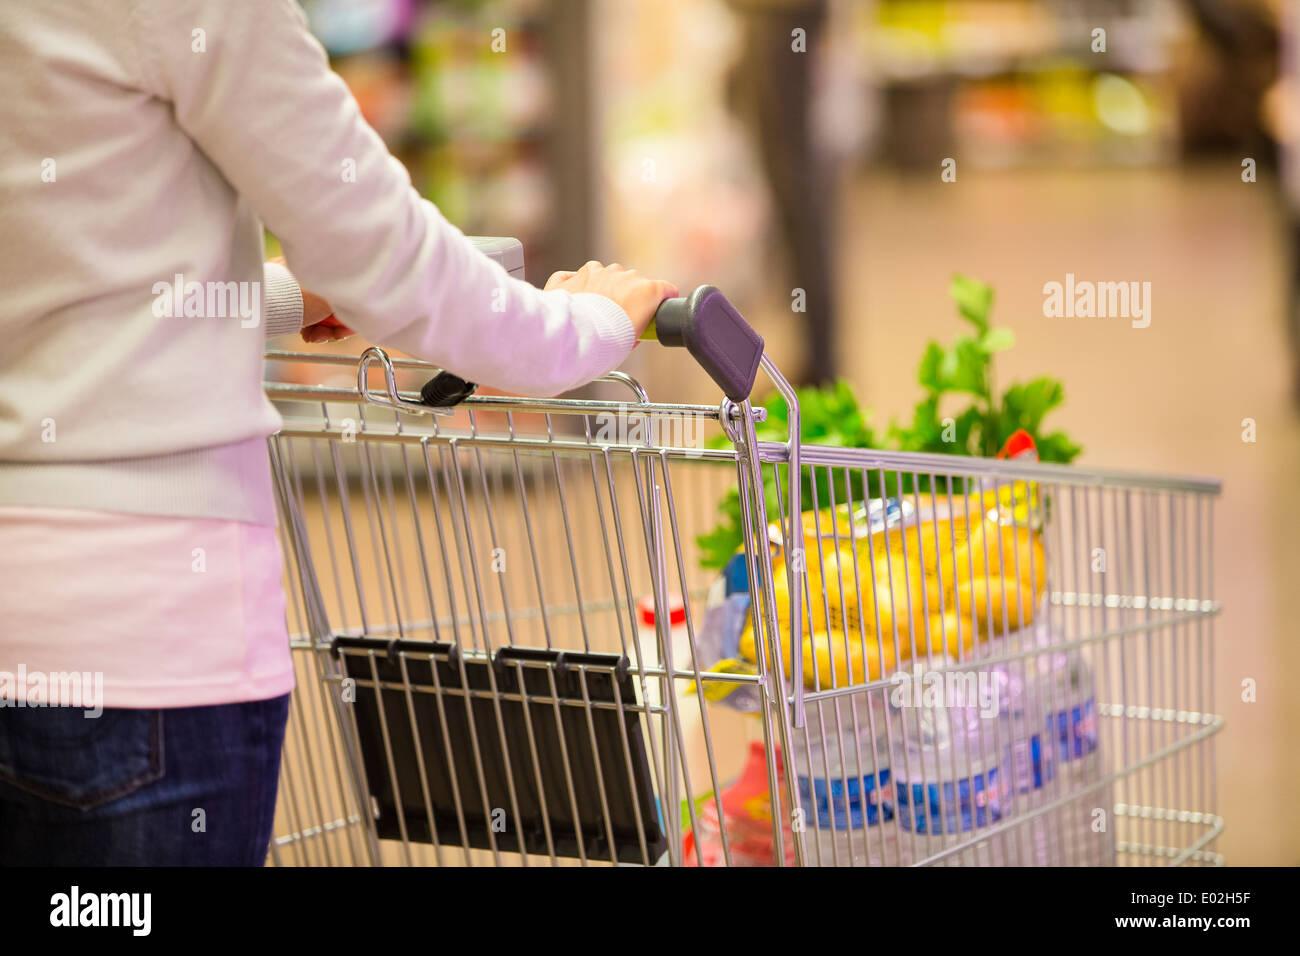 Weibliche Trolley Supermarkt Shop Hintergrund Stockbild